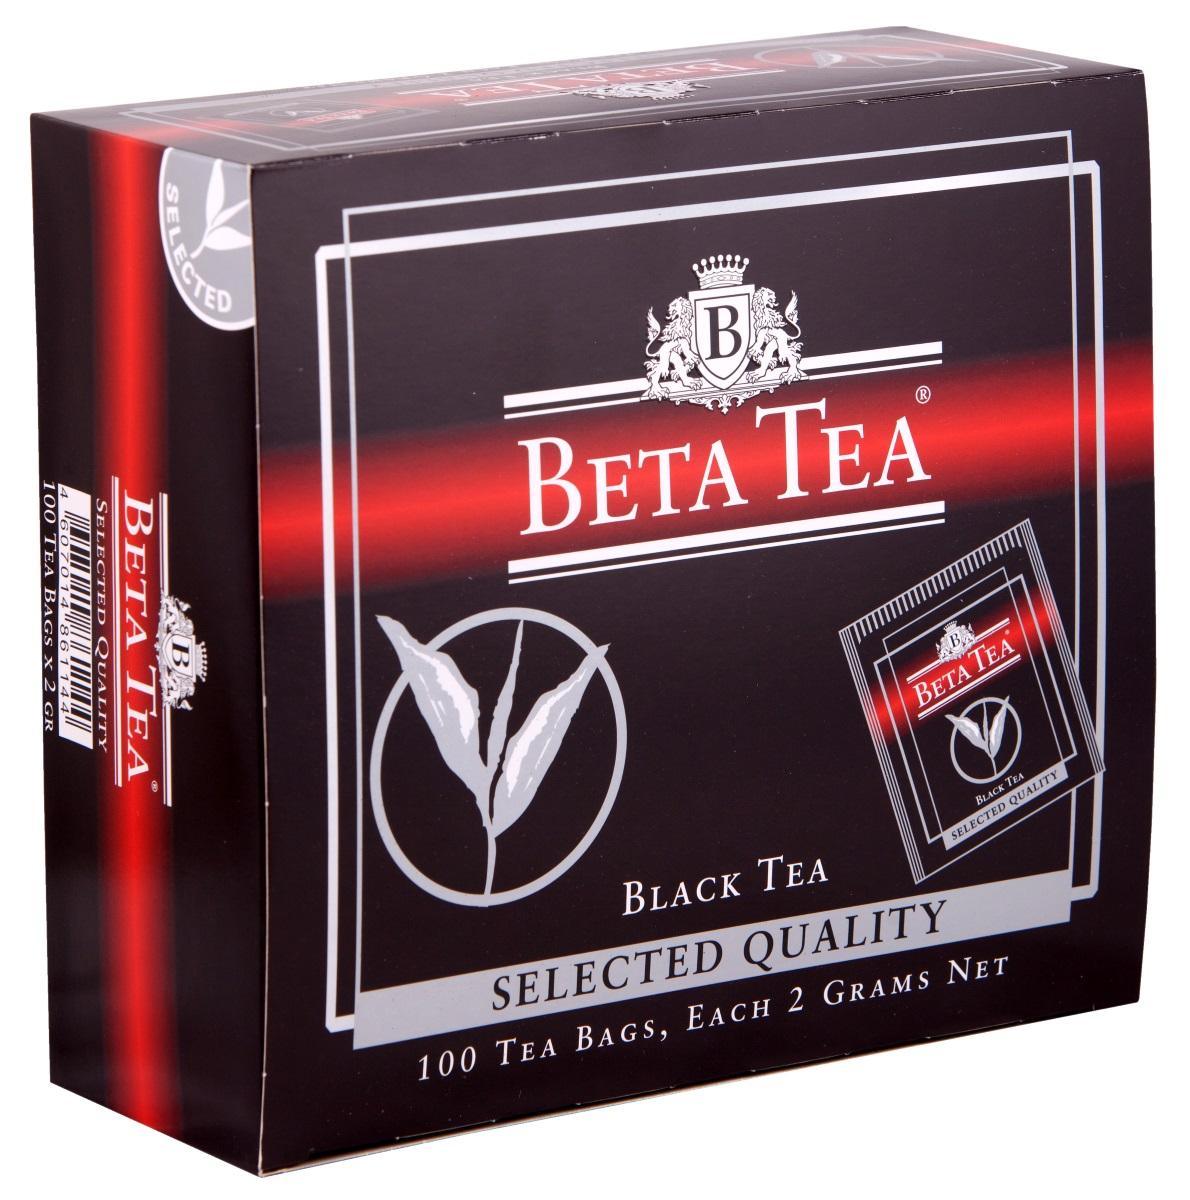 Beta Tea Отборное качество черный чай в пакетиках, 100 шт4607014861144Этот сорт чая поставляют лучшие чайные плантации Шри-Ланки. Любители крепкого чая с терпким вкусом по достоинству оценят Beta Tea Отборное качество.